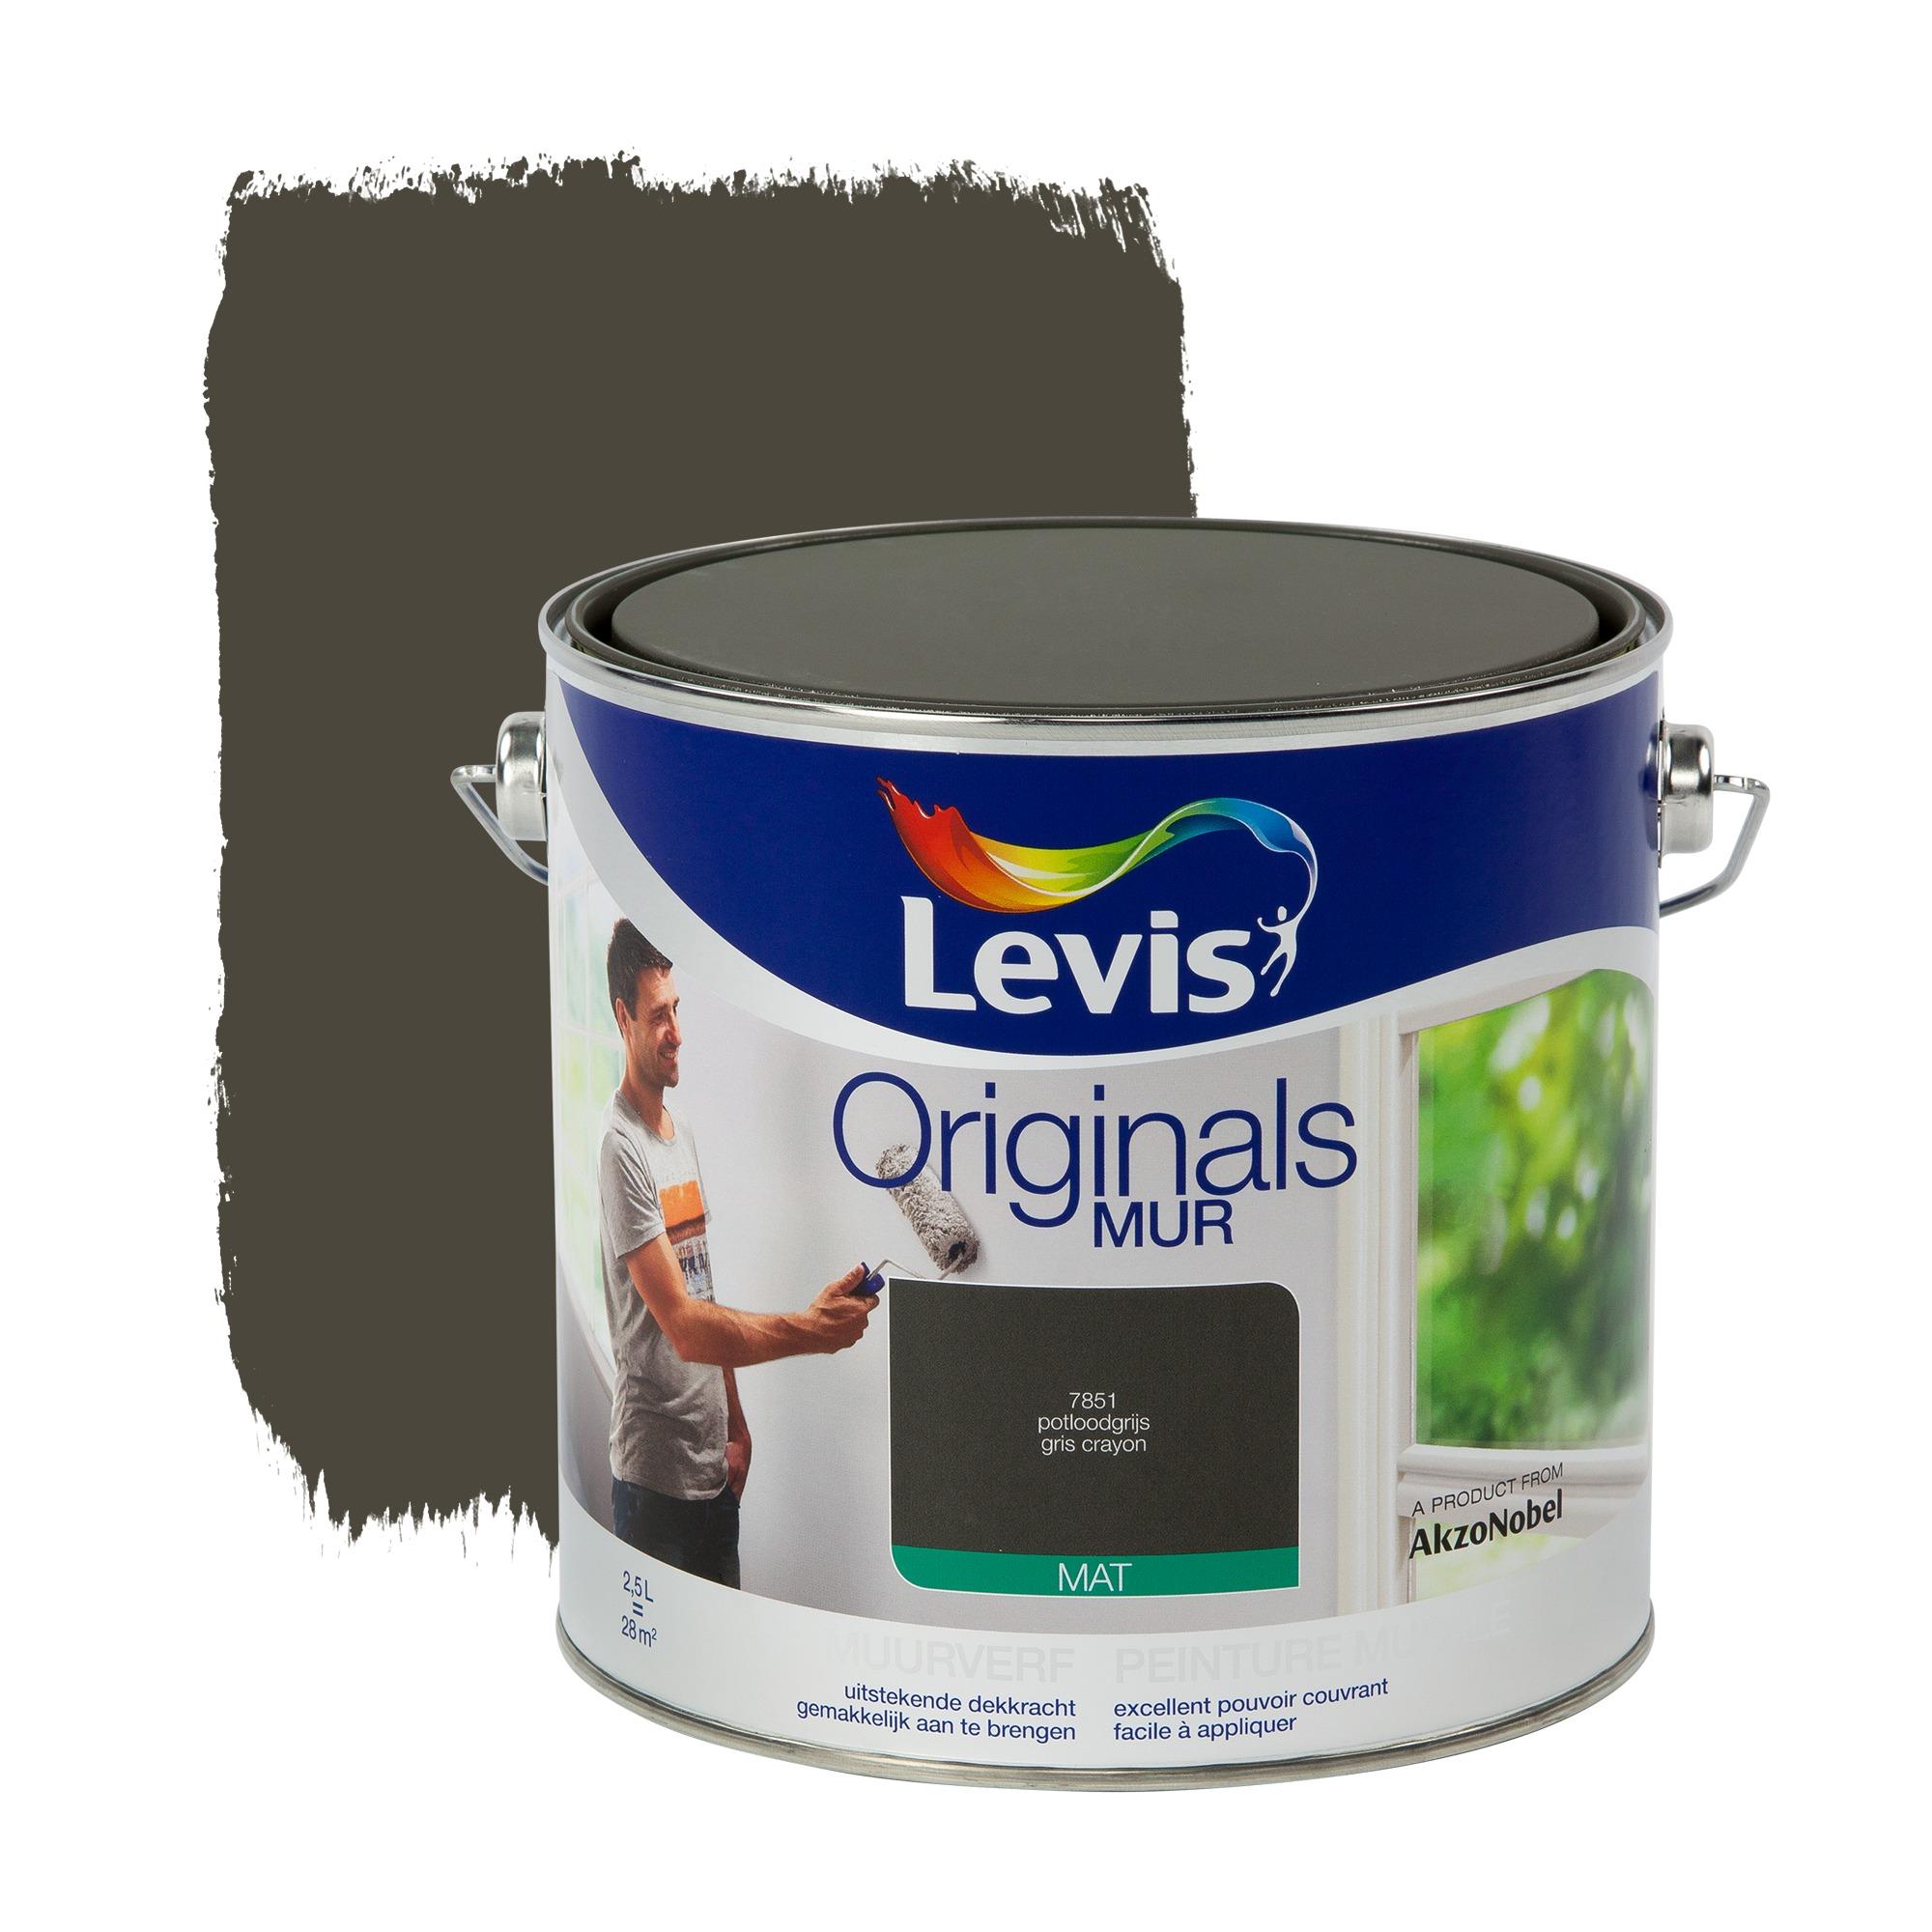 Peinture murale originals levis mat gris crayon 2 5 l peinture mur plafond papier peint for Peinture murale gris